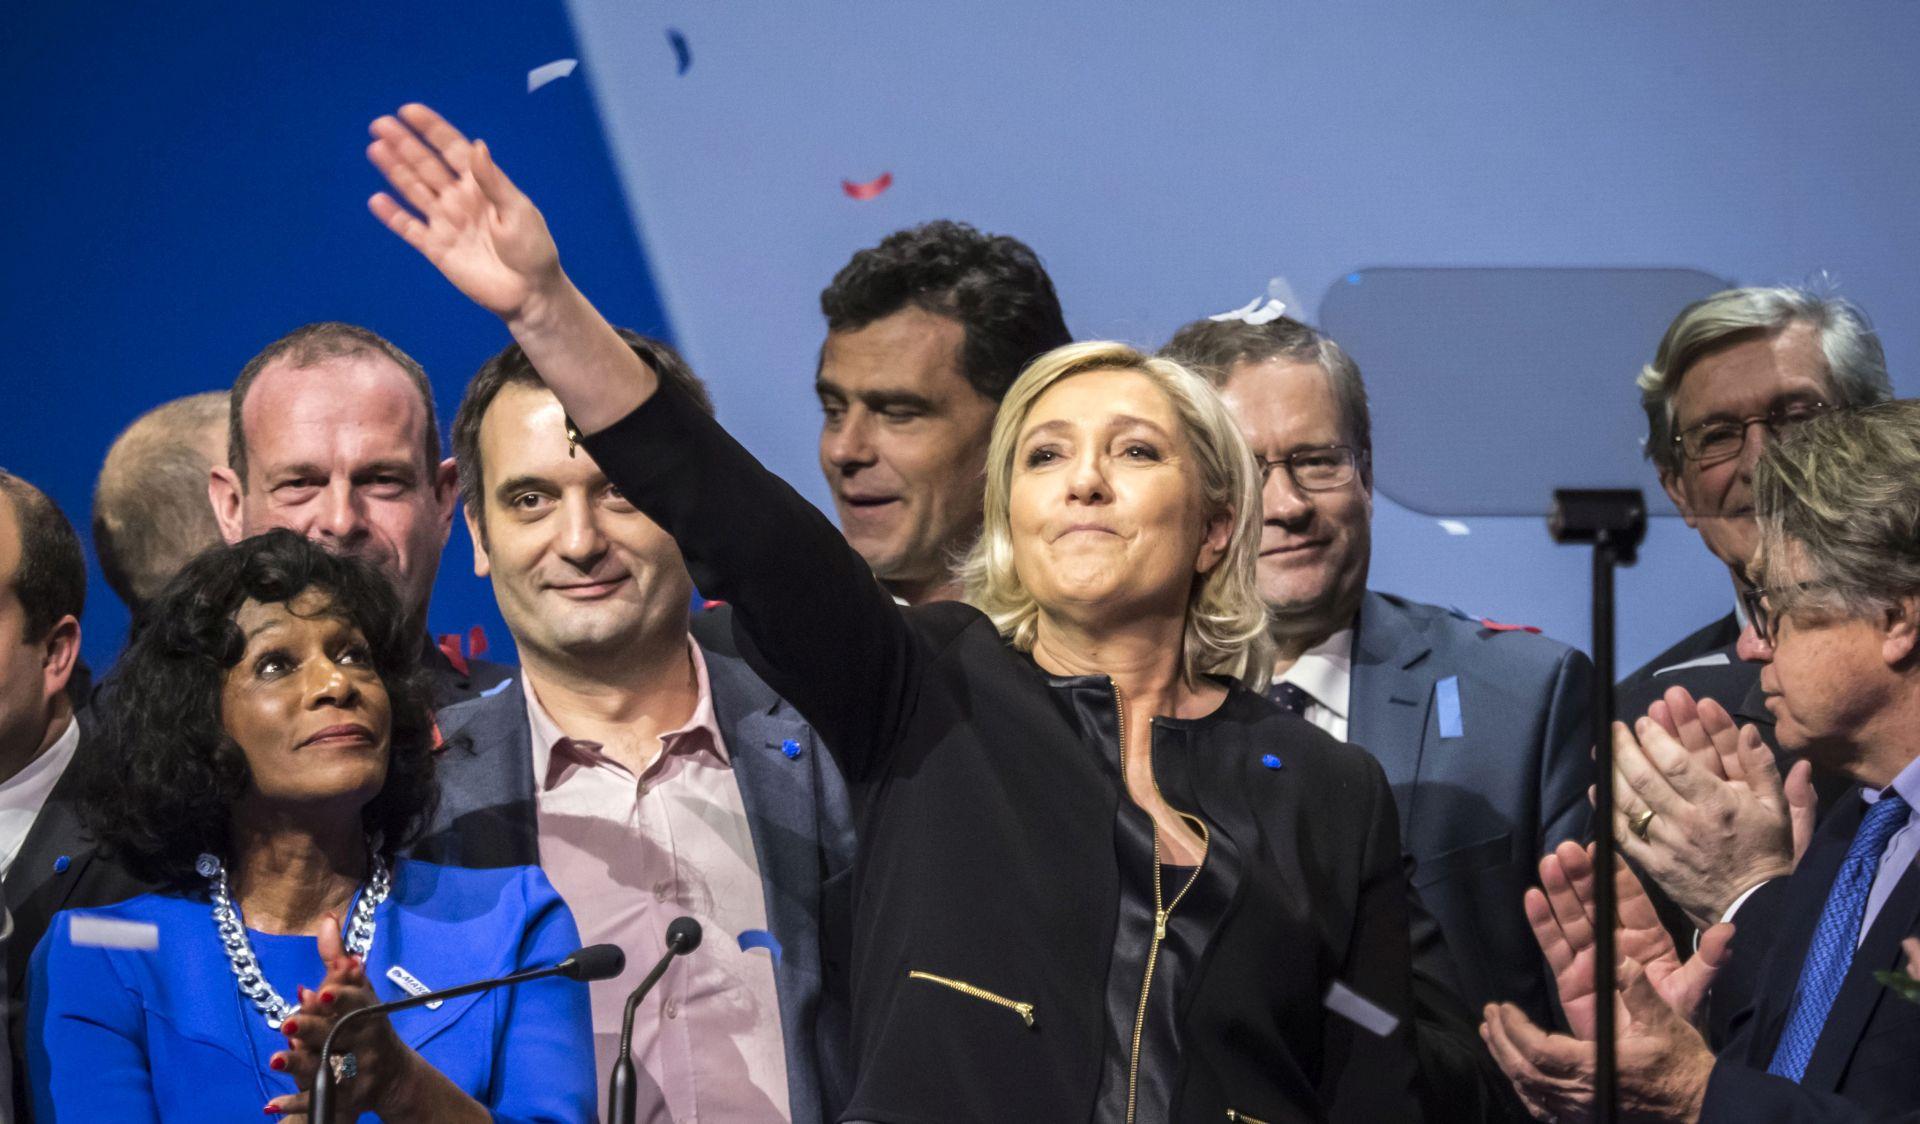 Le Pen će dobiti prvi krug predsjedničkih izbora, ali izgubiti u drugom